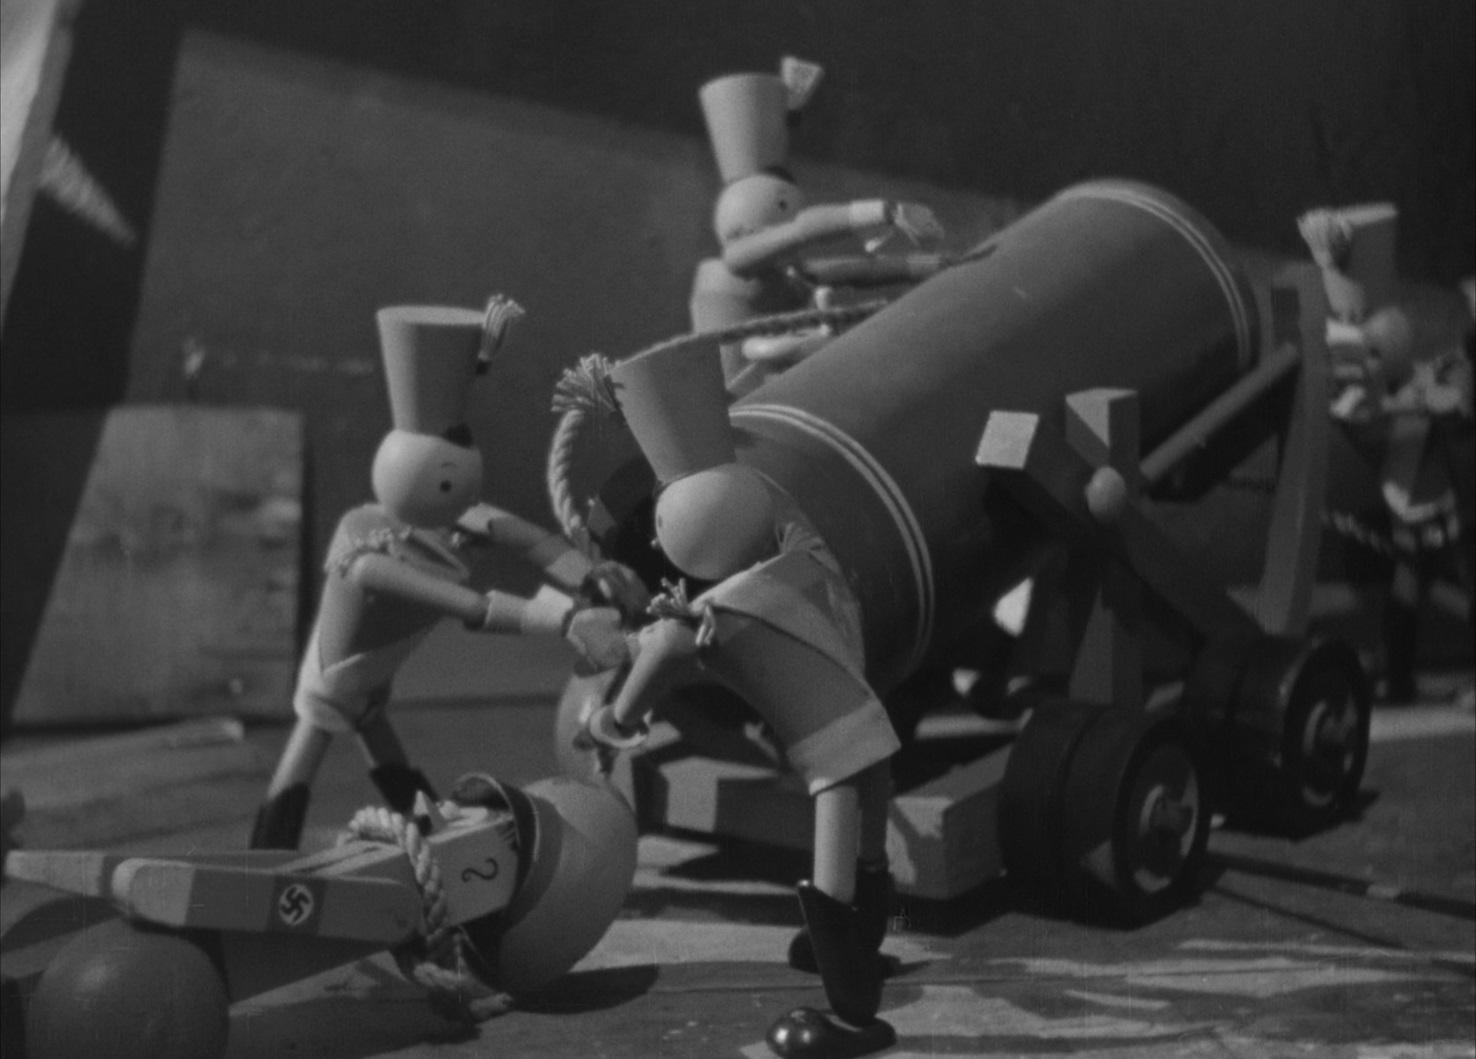 La Revolte des jouets photo 3